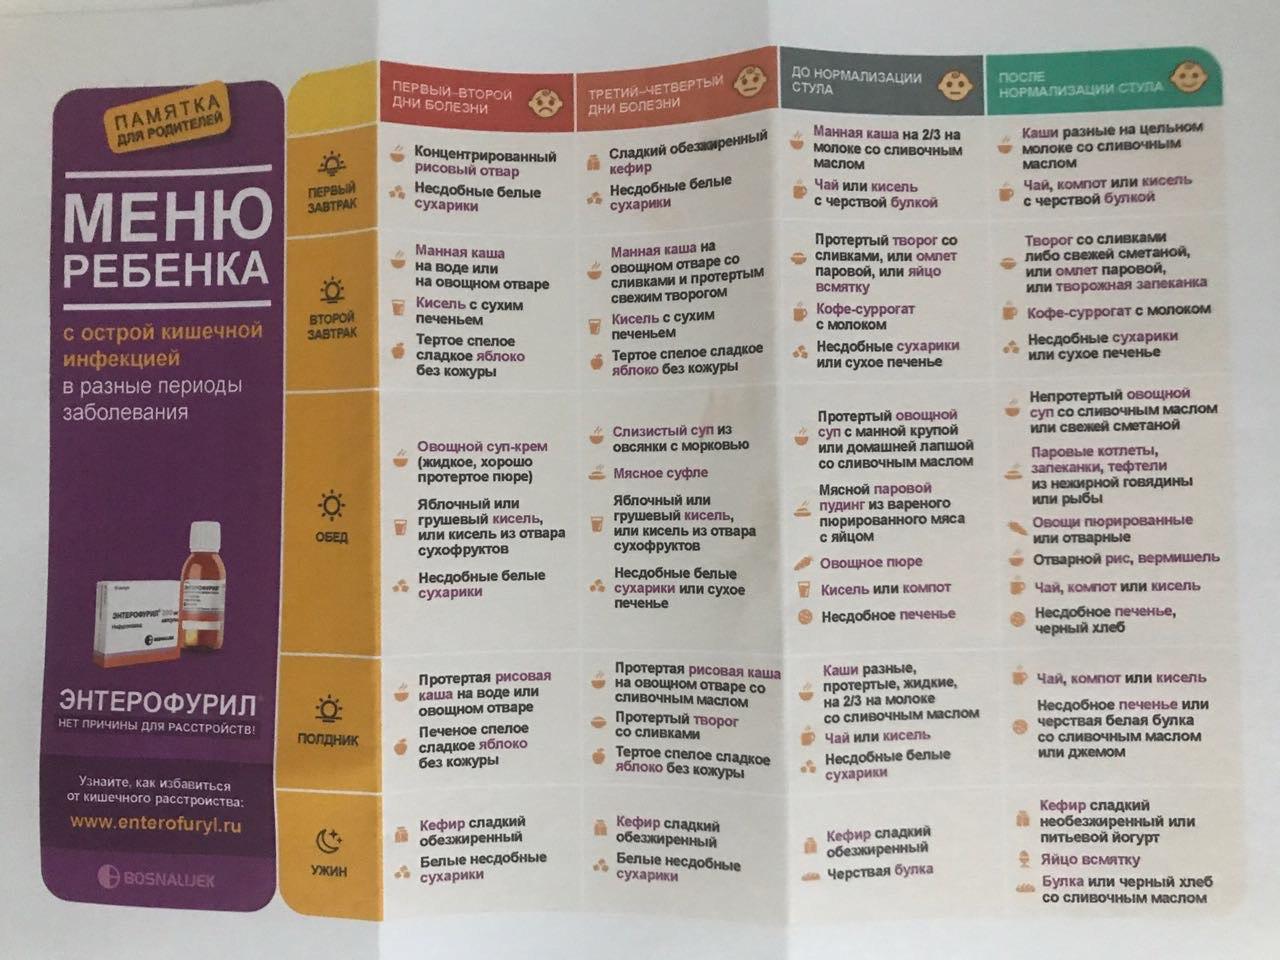 Диета После Ротавируса Для Ребенка. Что можно кушать во время и после ротавирусной инфекции, какую диету нужно соблюдать ребенку?